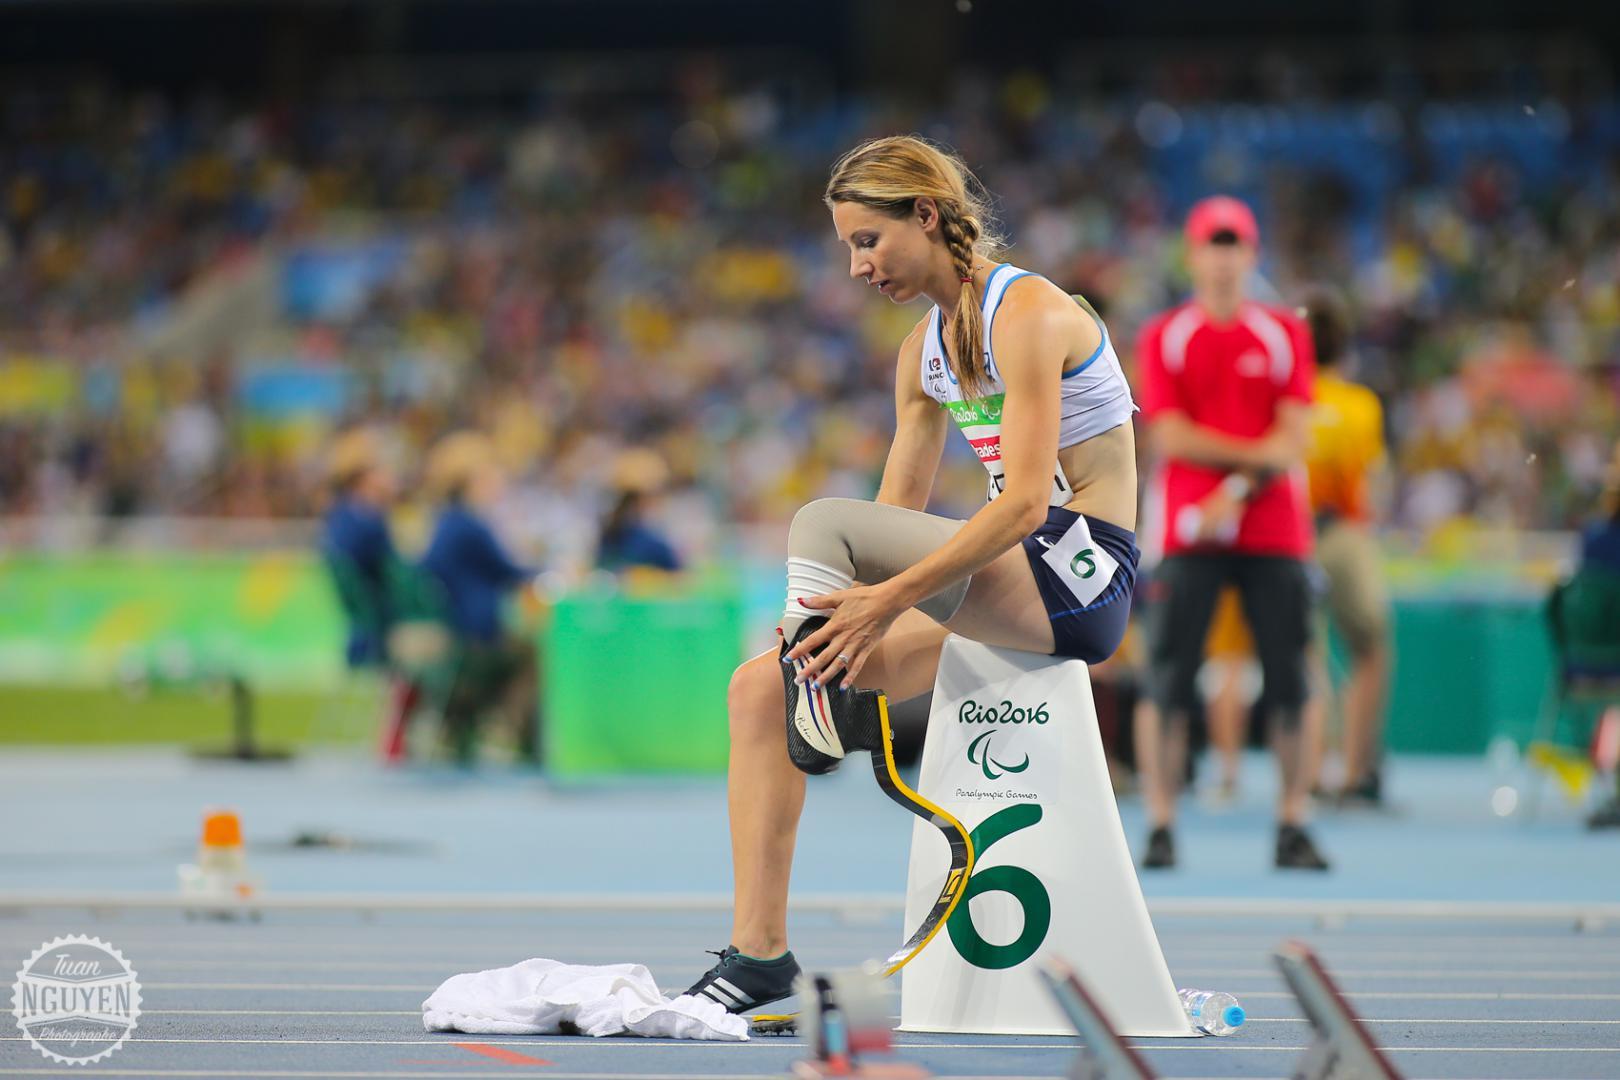 WeChamp entreprise Marie Amélie Le Fur athlete haut niveau athlétisme handisport conference handicap et semaine du handicap